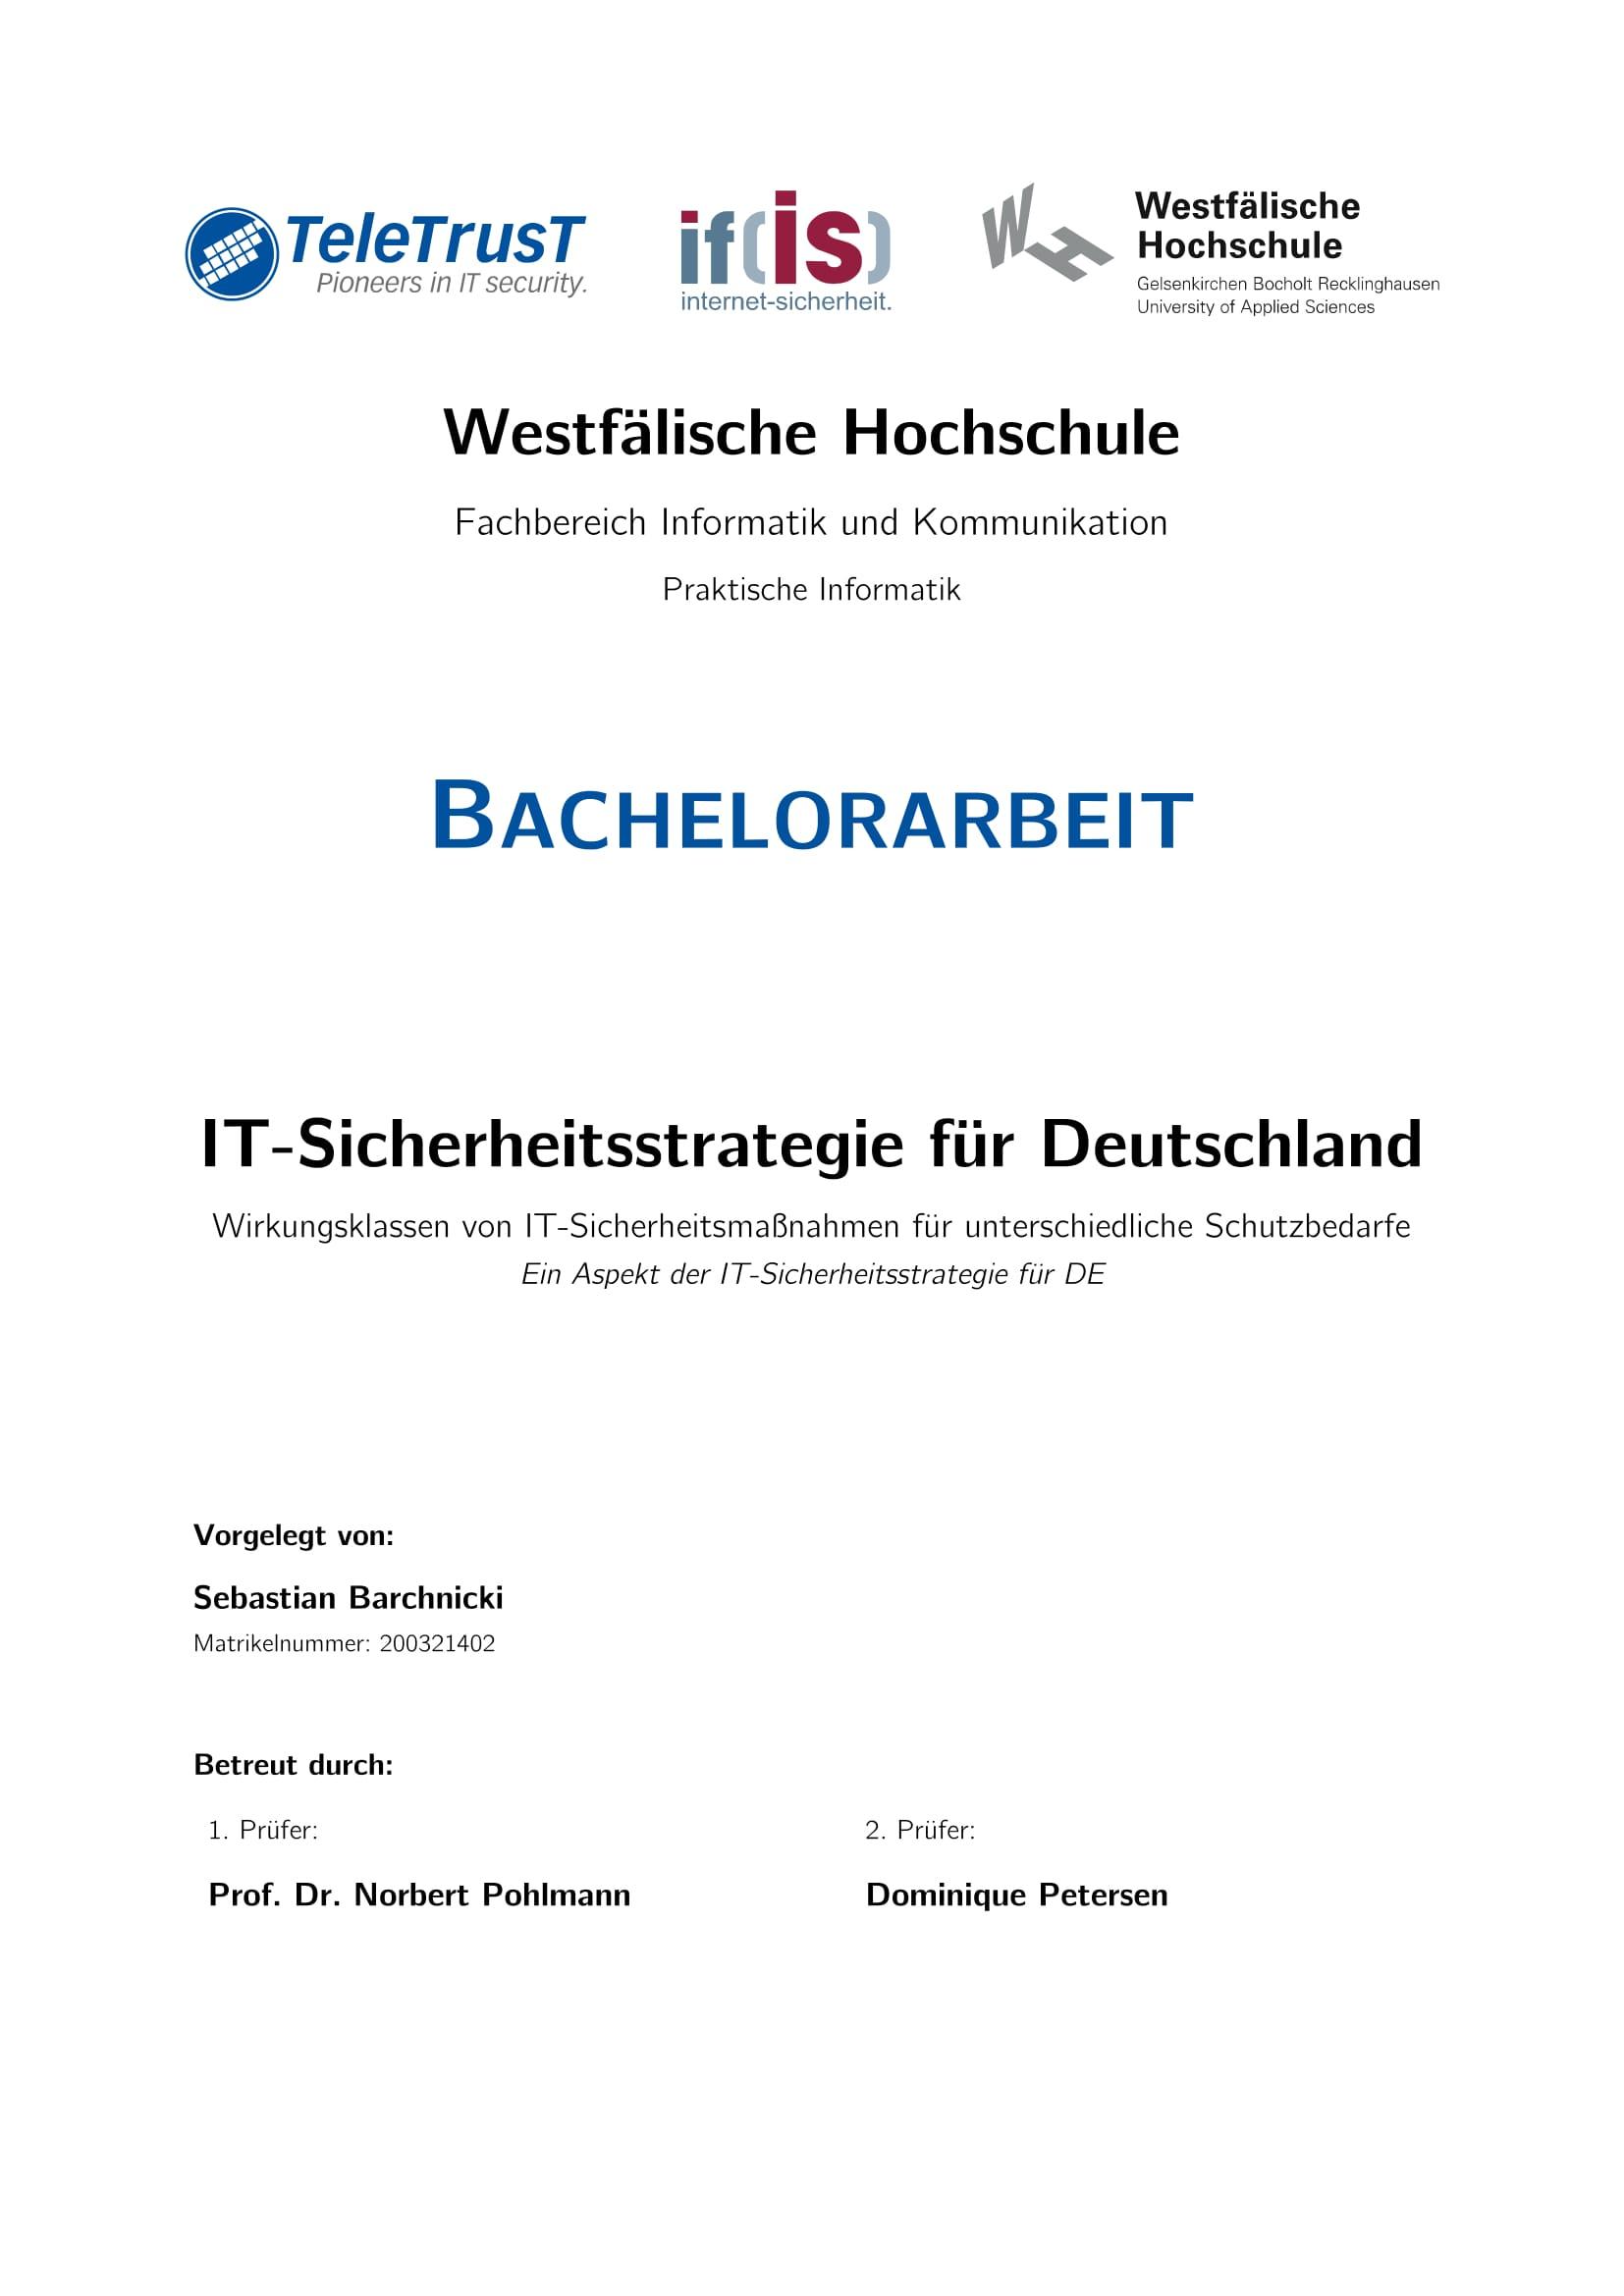 IT-Sicherheitsstrategie für Deutschland - Prof. Norbert Pohlmann 2015-1-1-1